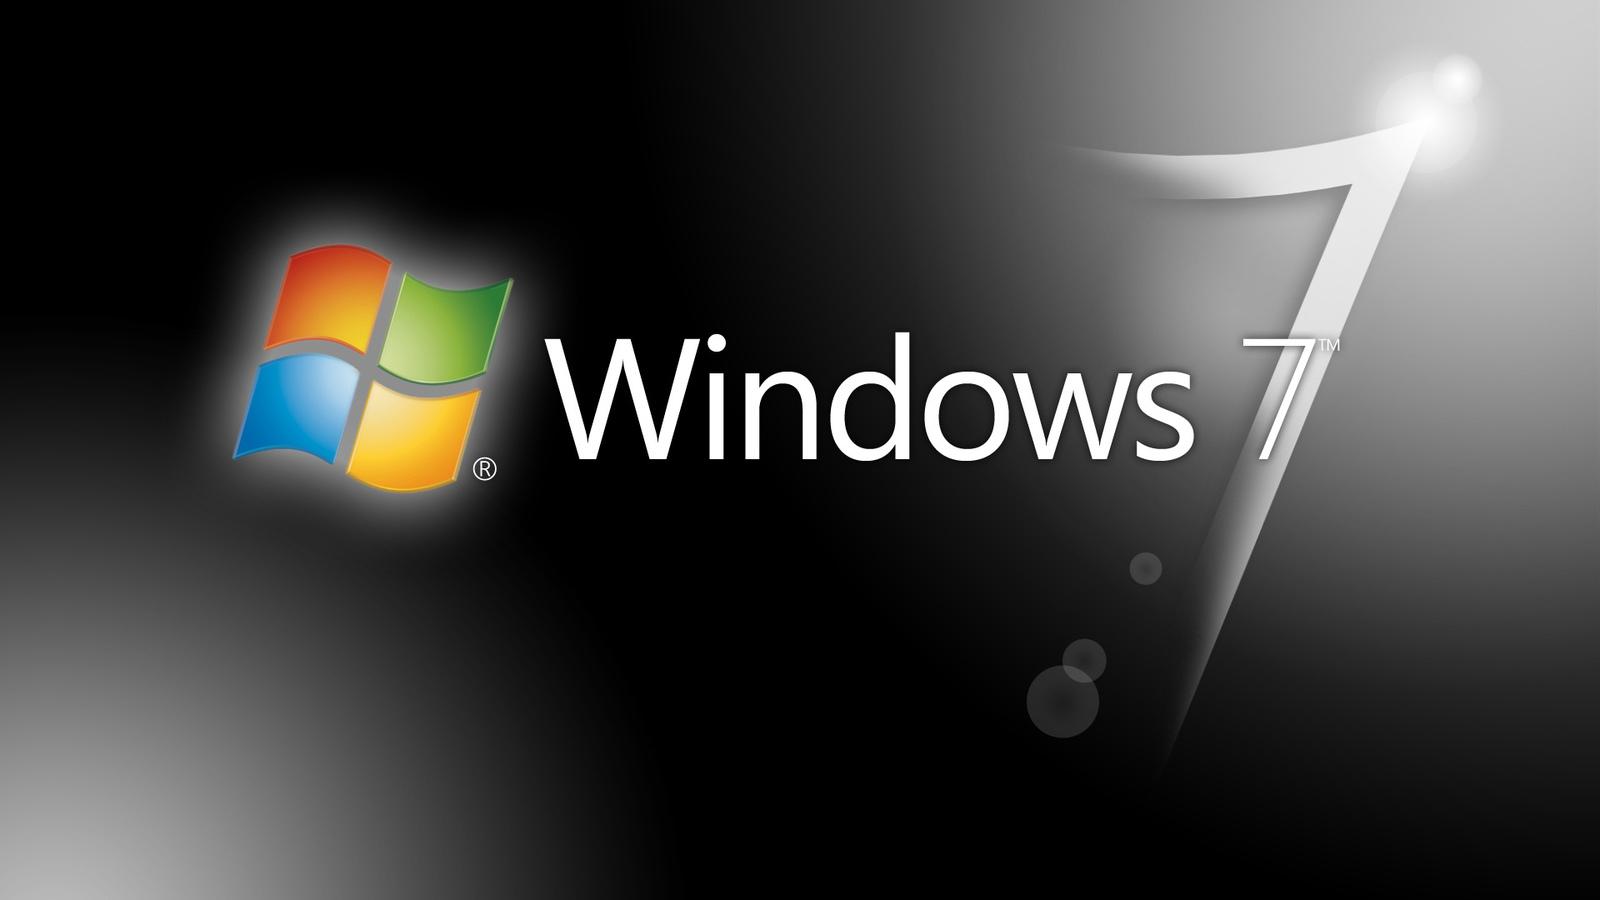 Windows виндовс 7 обои для рабочего стола